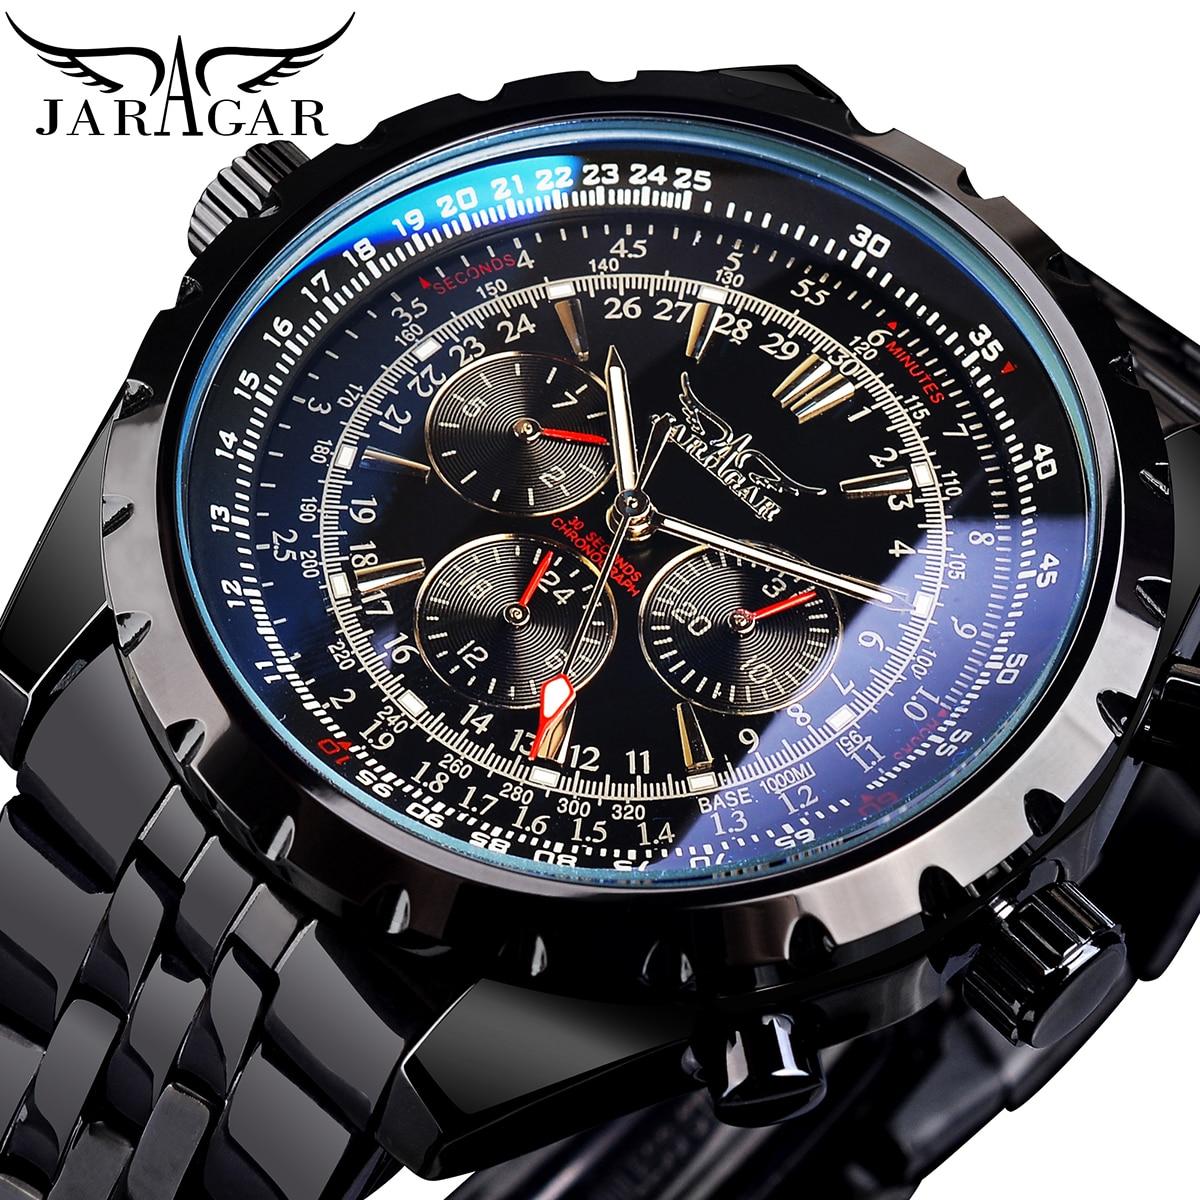 Jaragar الأزرق الزجاج تصميم أسود فضي ساعة أوتوماتيكية الفولاذ المقاوم للصدأ تاريخ ساعة مضيئة الرجال الأعمال الميكانيكية ساعة اليد